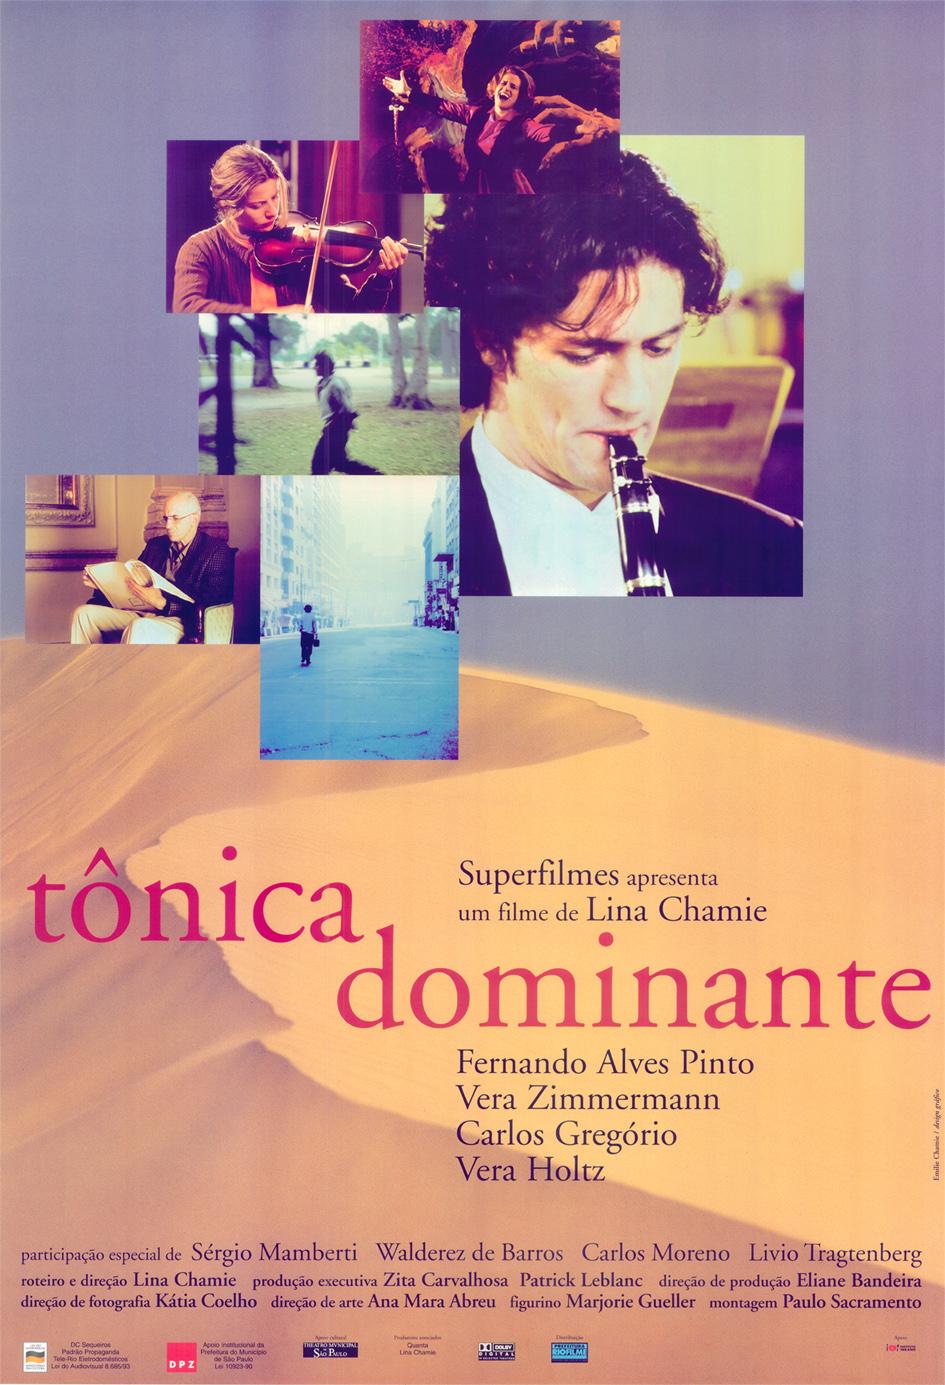 Resultado de imagem para tonica dominante filme